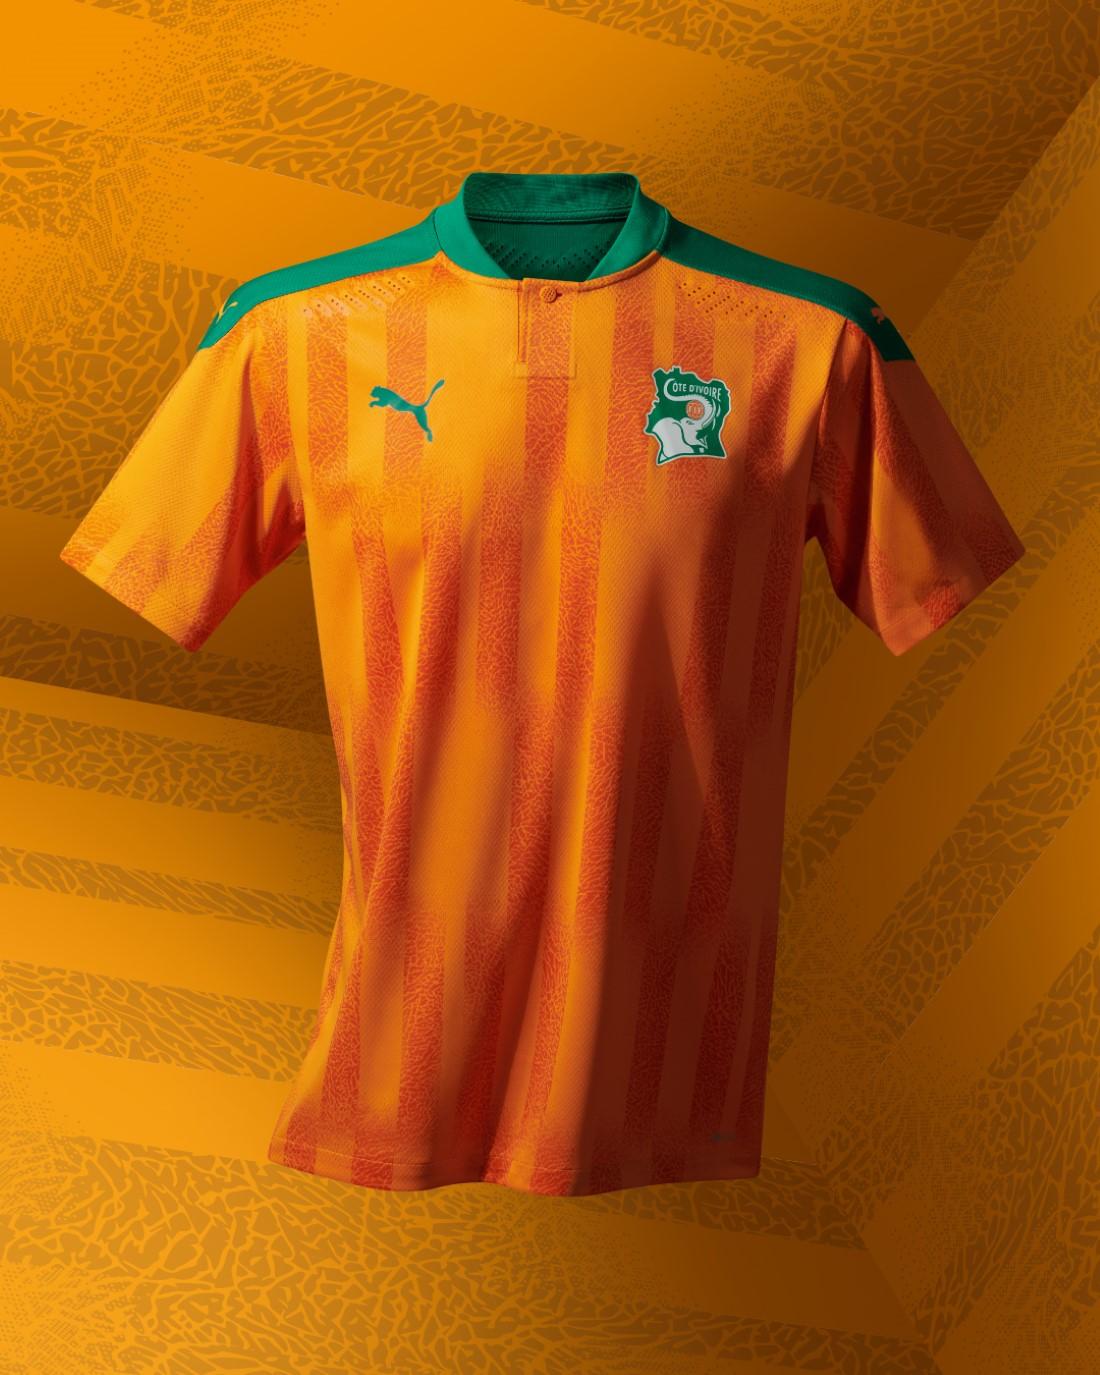 PUMA Football - Sélection Côte d'Ivoire 2020-2021 - Home Kit